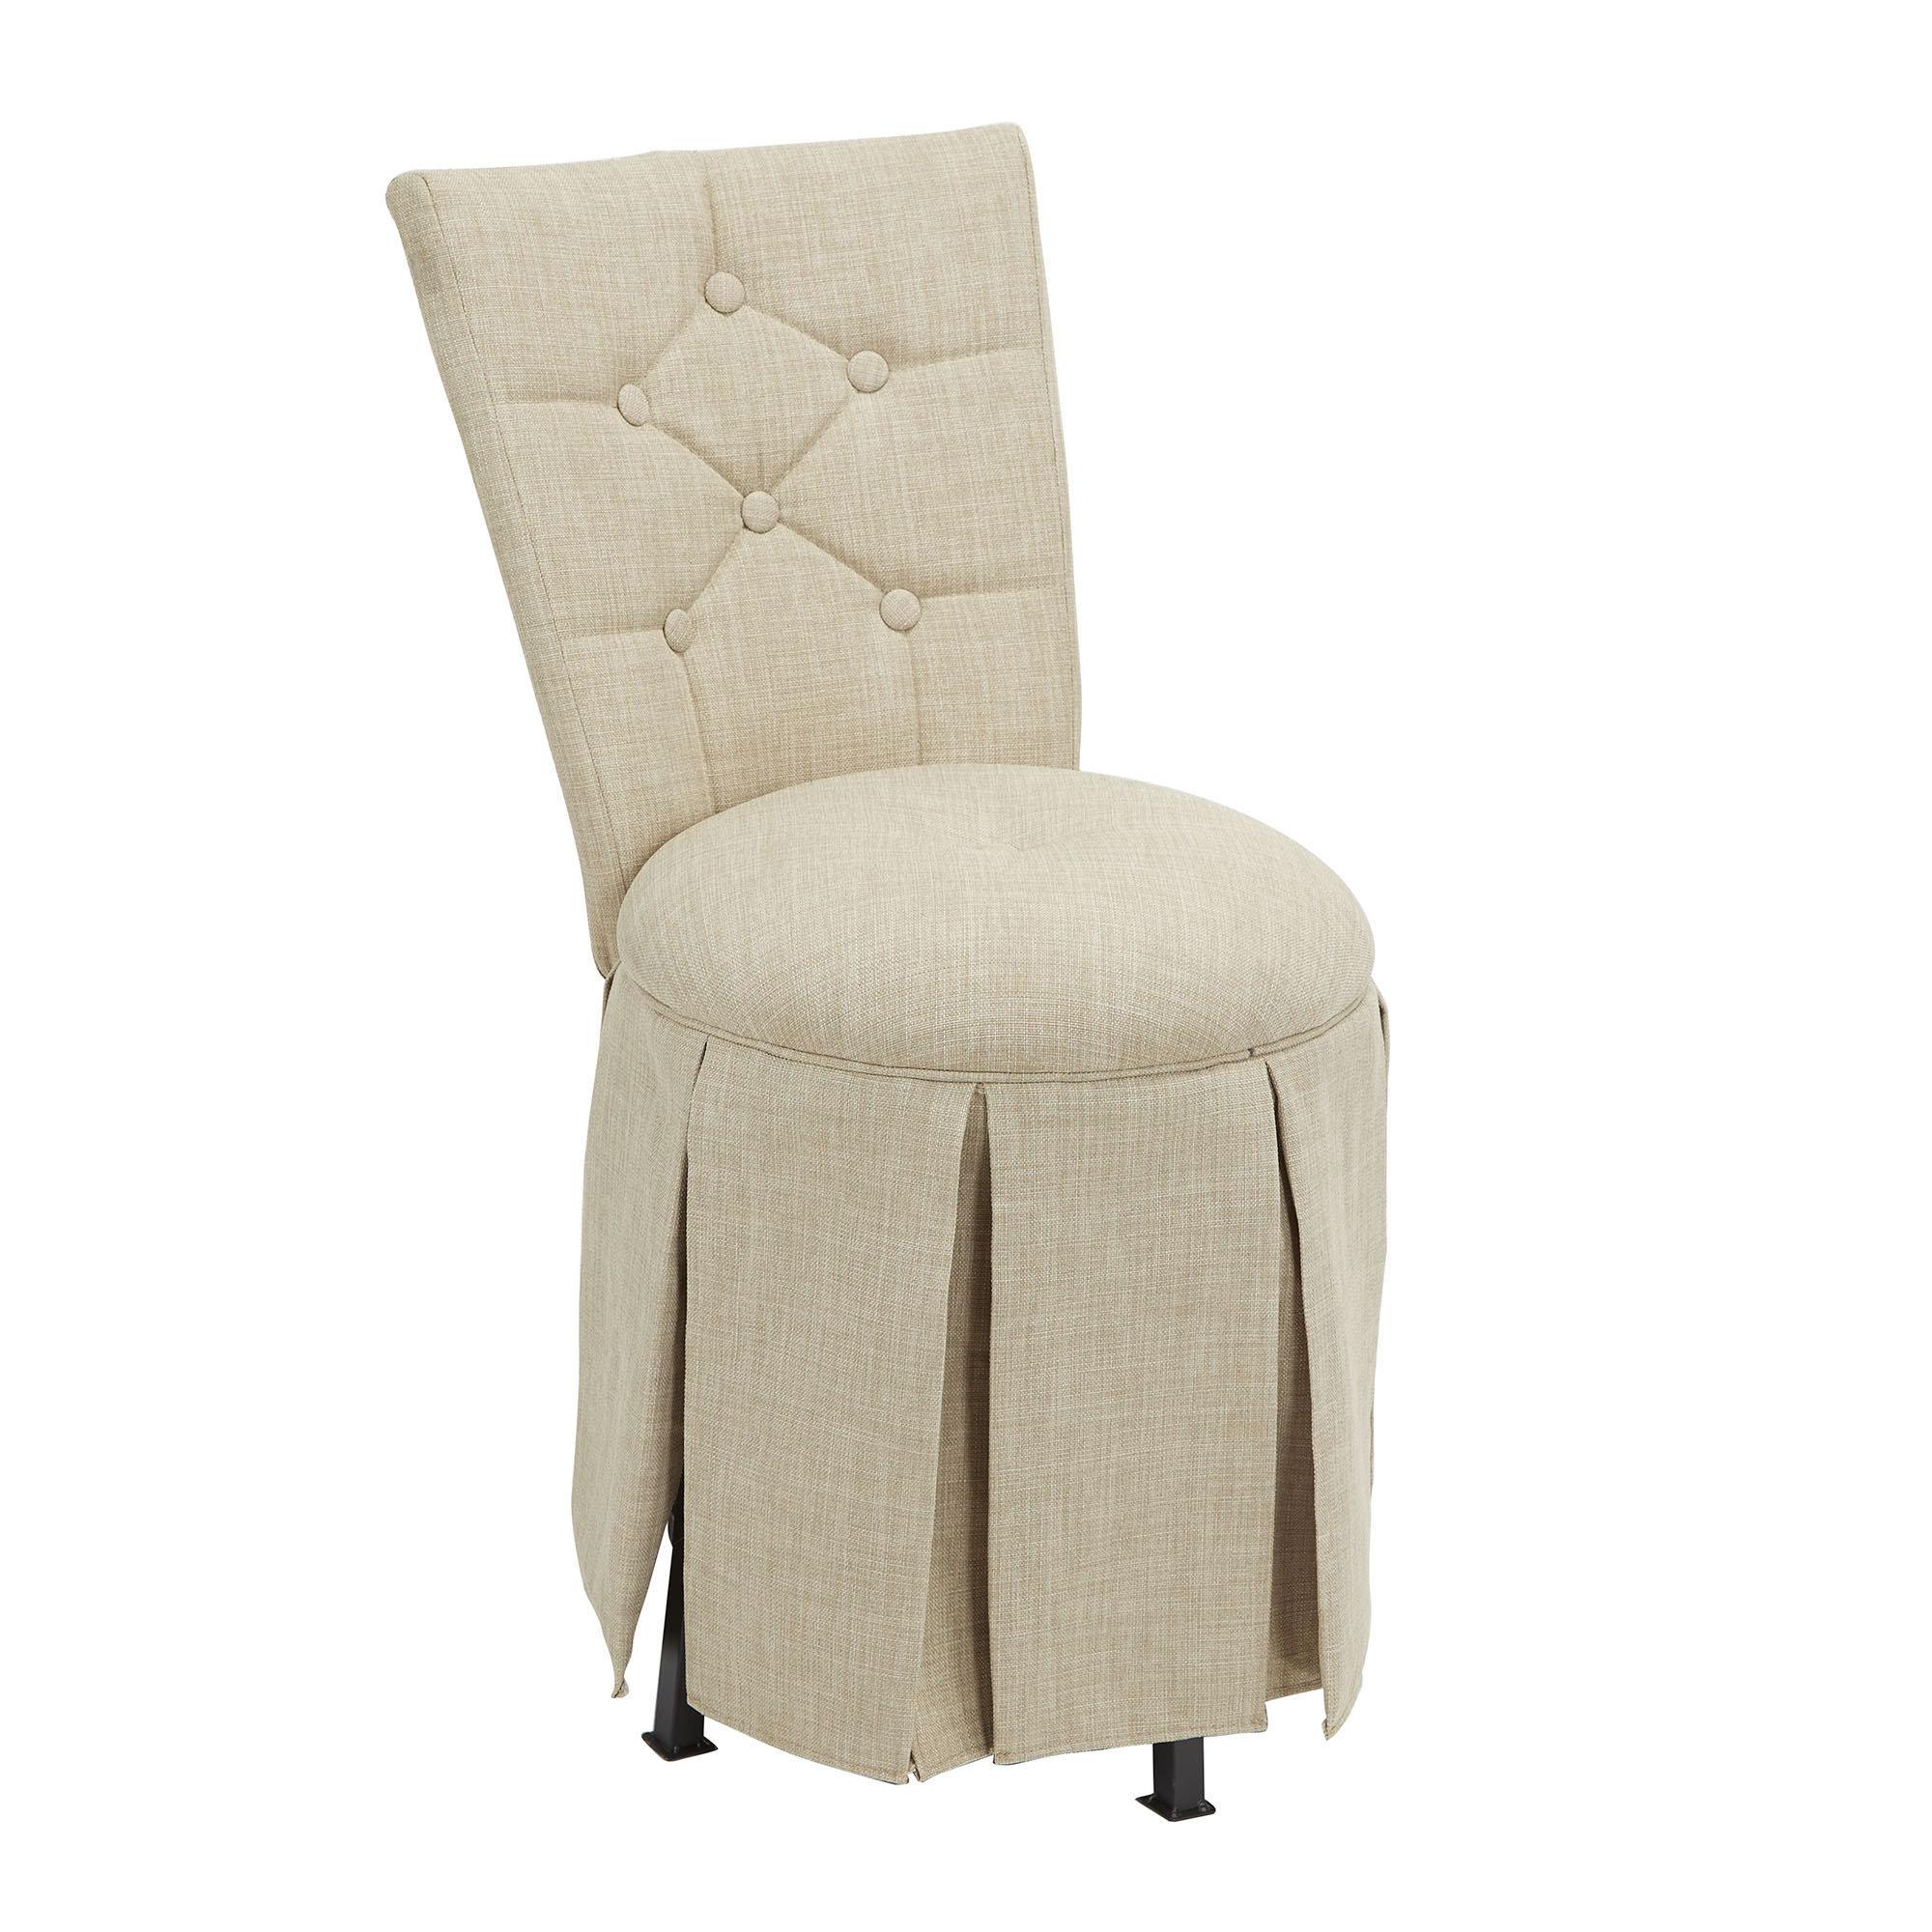 Remarkable Simonson Skirted Vanity Swivel Side Chair Evergreenethics Interior Chair Design Evergreenethicsorg